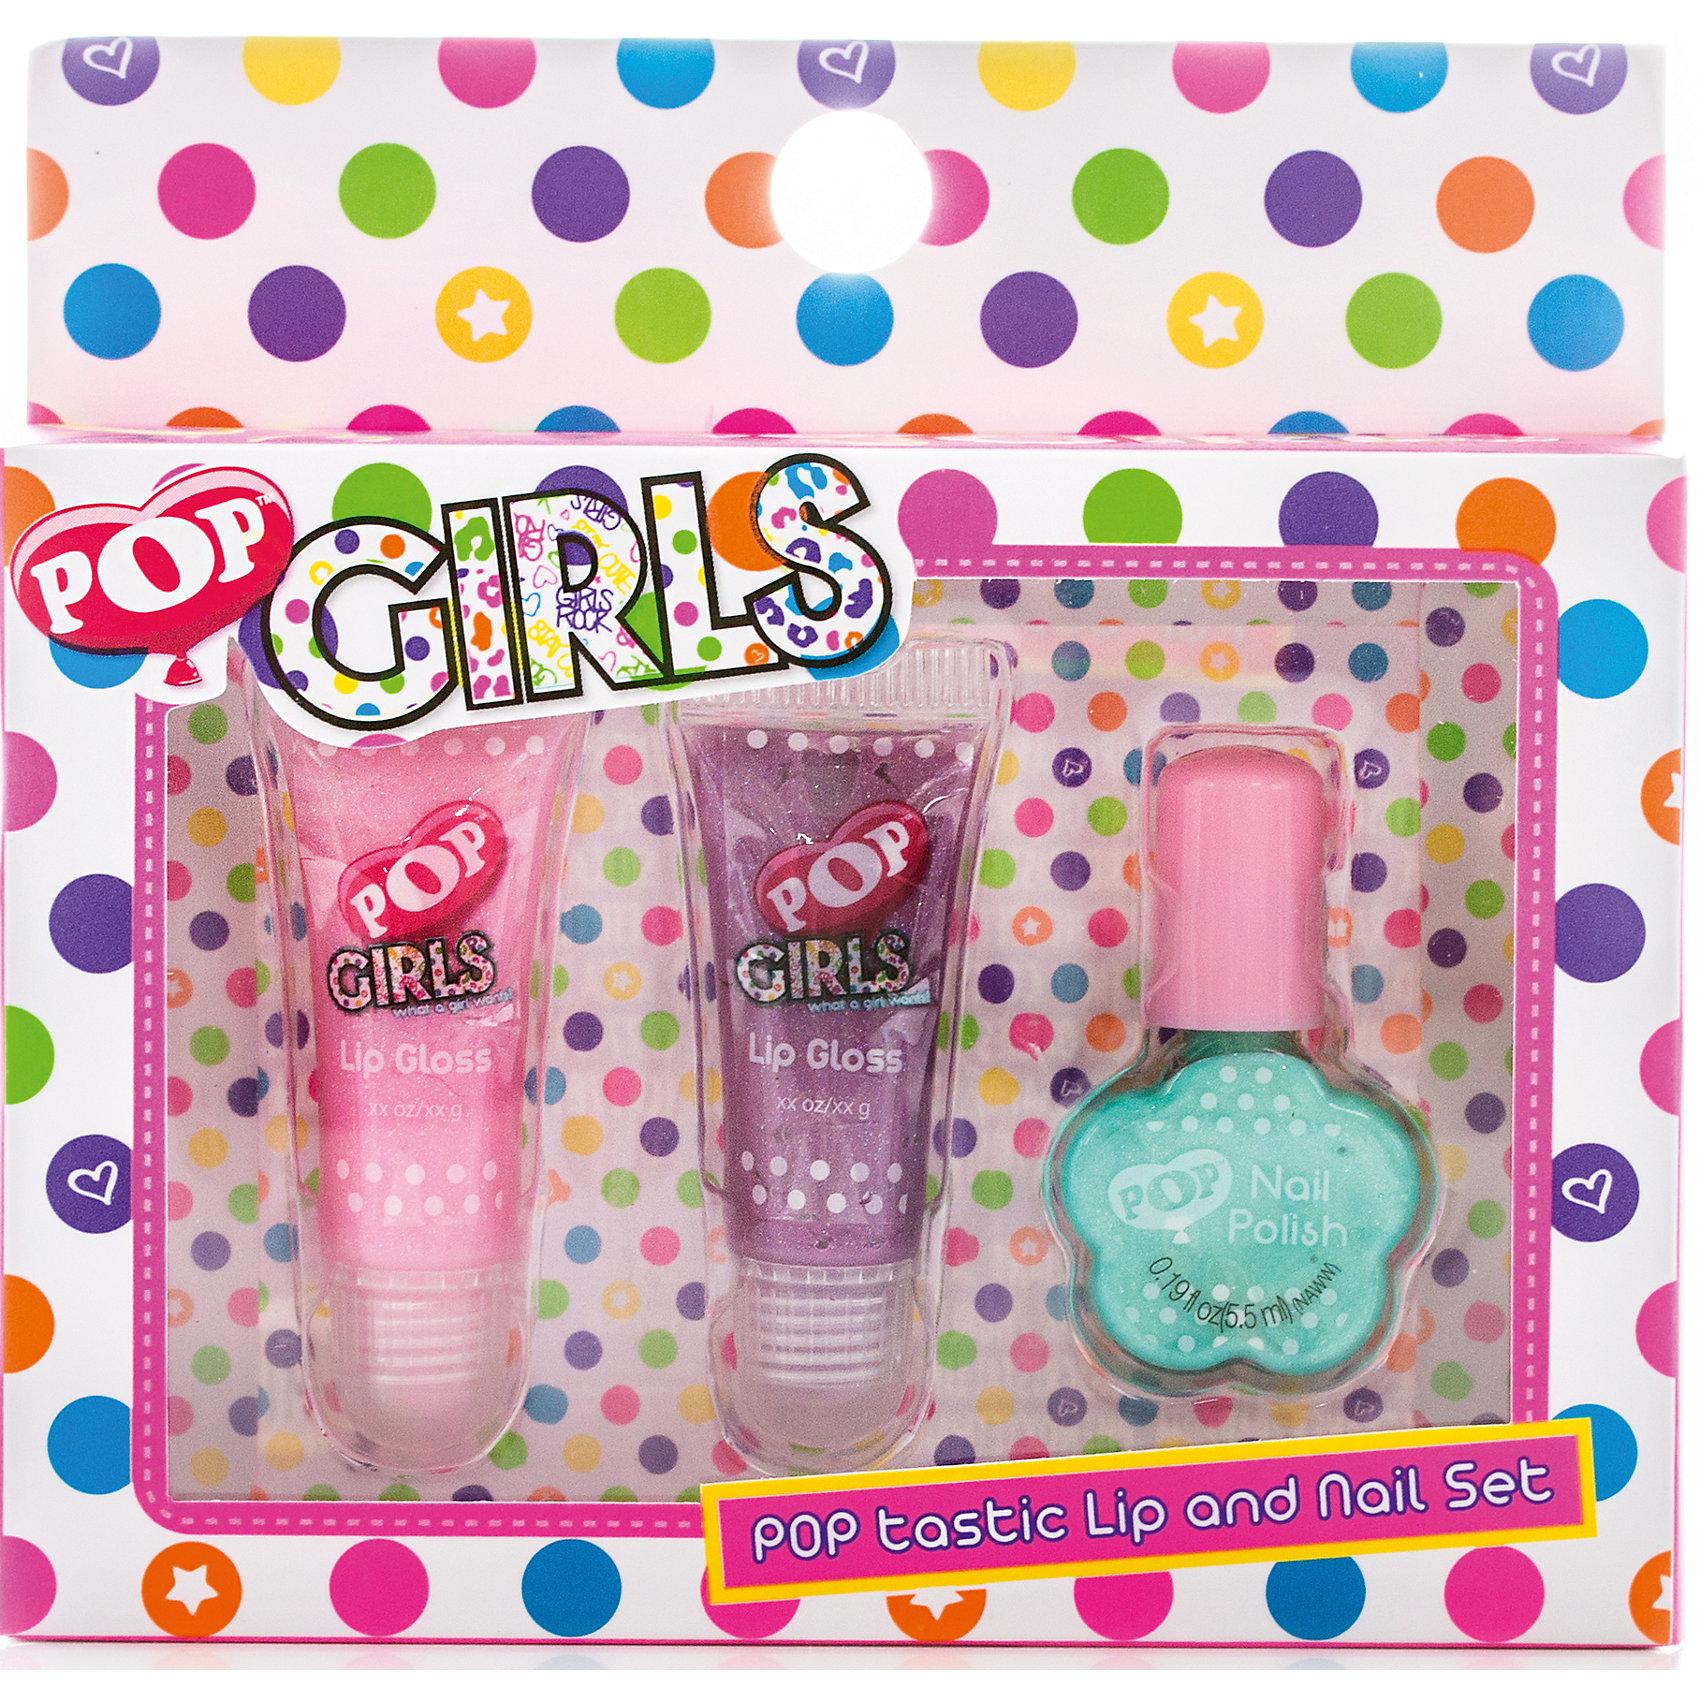 Набор детской косметики Pop GirlsНаборы детской косметики<br>Характеристики:<br><br>• Наименование: детская декоративная косметика<br>• Предназначение: для сюжетно-ролевых игр<br>• Пол: для девочки<br>• Материал: натуральные косметические компоненты, пластик, картон<br>• Цвет: розовый, сиреневый, бирюзовый<br>• Комплектация: 2 блеска для губ в тубах, лак для ногтей<br>• Размеры (Д*Ш*В): 13*2*13 см<br>• Вес: 90 г <br>• Упаковка: картонная упаковка с блистером<br><br>Игровой набор детской декоративной косметики POP для губ и ногтей – это набор игровой детской косметики от Markwins, которая вот уже несколько десятилетий специализируется на выпуске детской косметики. Рецептура декоративной детской косметики разработана совместно с косметологами и медиками, в основе рецептуры – водная основа, а потому она гипоаллергенны, не вызывает раздражений на детской коже и легко смывается, не оставляя следа. Безопасность продукции подтверждена международными сертификатами качества и безопасности. <br>Игровой набор детской декоративной косметики POP для губ и ногтей состоит из 2-х туб блеска для губ модных в любом сезоне оттенков и лака для ногтей. Набор упакован в косметичку на замочке-молнии. Косметические средства, входящие в состав набора, имеют длительный срок хранения – 12 месяцев. Игровой набор детской декоративной косметики POP для губ и ногтей от Markwins может стать незаменимым праздничным подарком для любой маленькой модницы!<br><br>Игровой набор детской декоративной косметики POP для губ и ногтей можно купить в нашем интернет-магазине.<br><br>Ширина мм: 140<br>Глубина мм: 130<br>Высота мм: 30<br>Вес г: 68<br>Возраст от месяцев: 48<br>Возраст до месяцев: 120<br>Пол: Женский<br>Возраст: Детский<br>SKU: 5124694